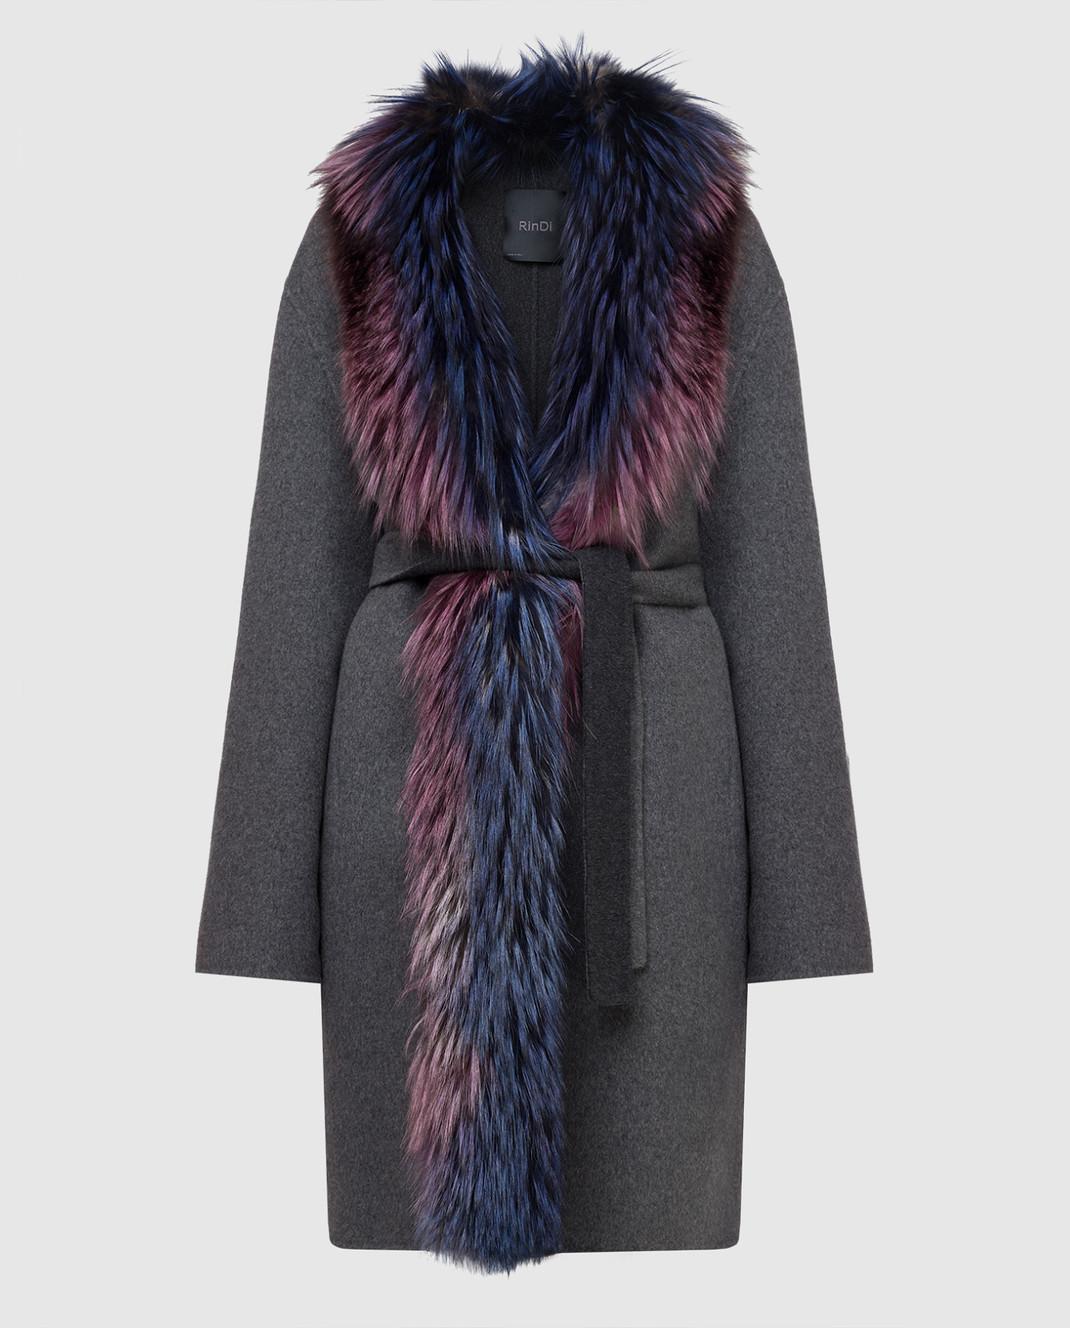 Rindi Серое пальто из кашемира с мехом лисы 262TE017